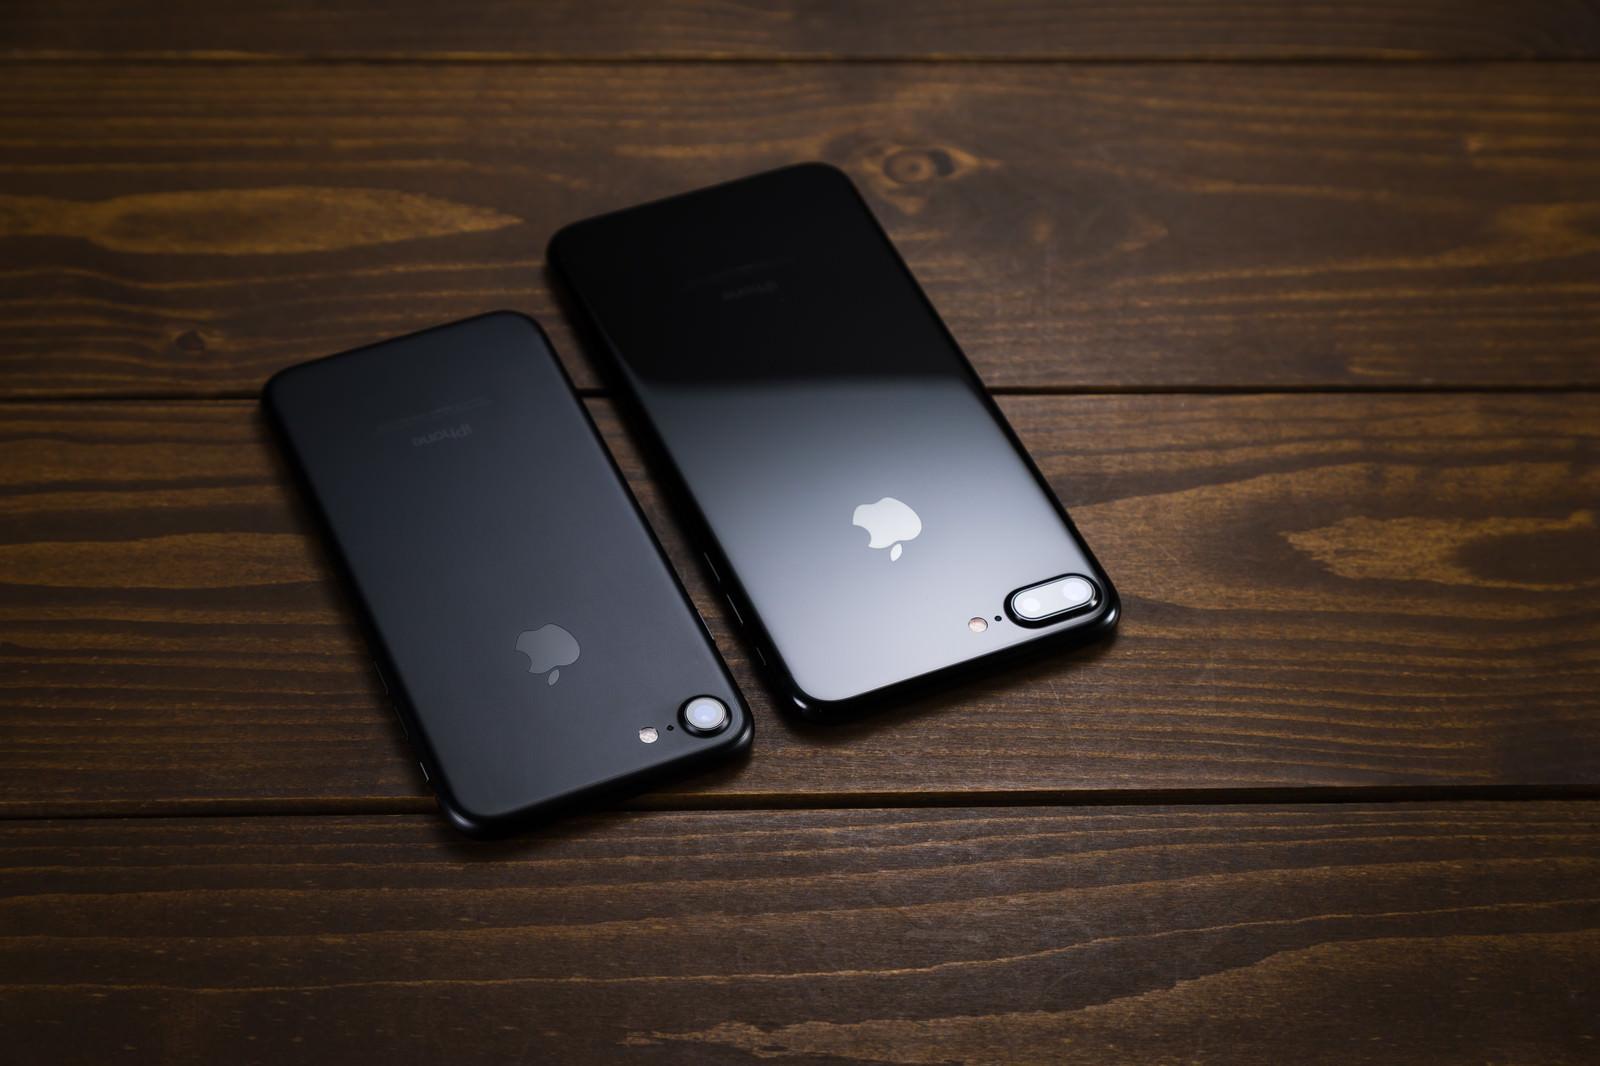 「マットとグロスでは光の反射がまるで違うスマートフォンボディ比較」の写真